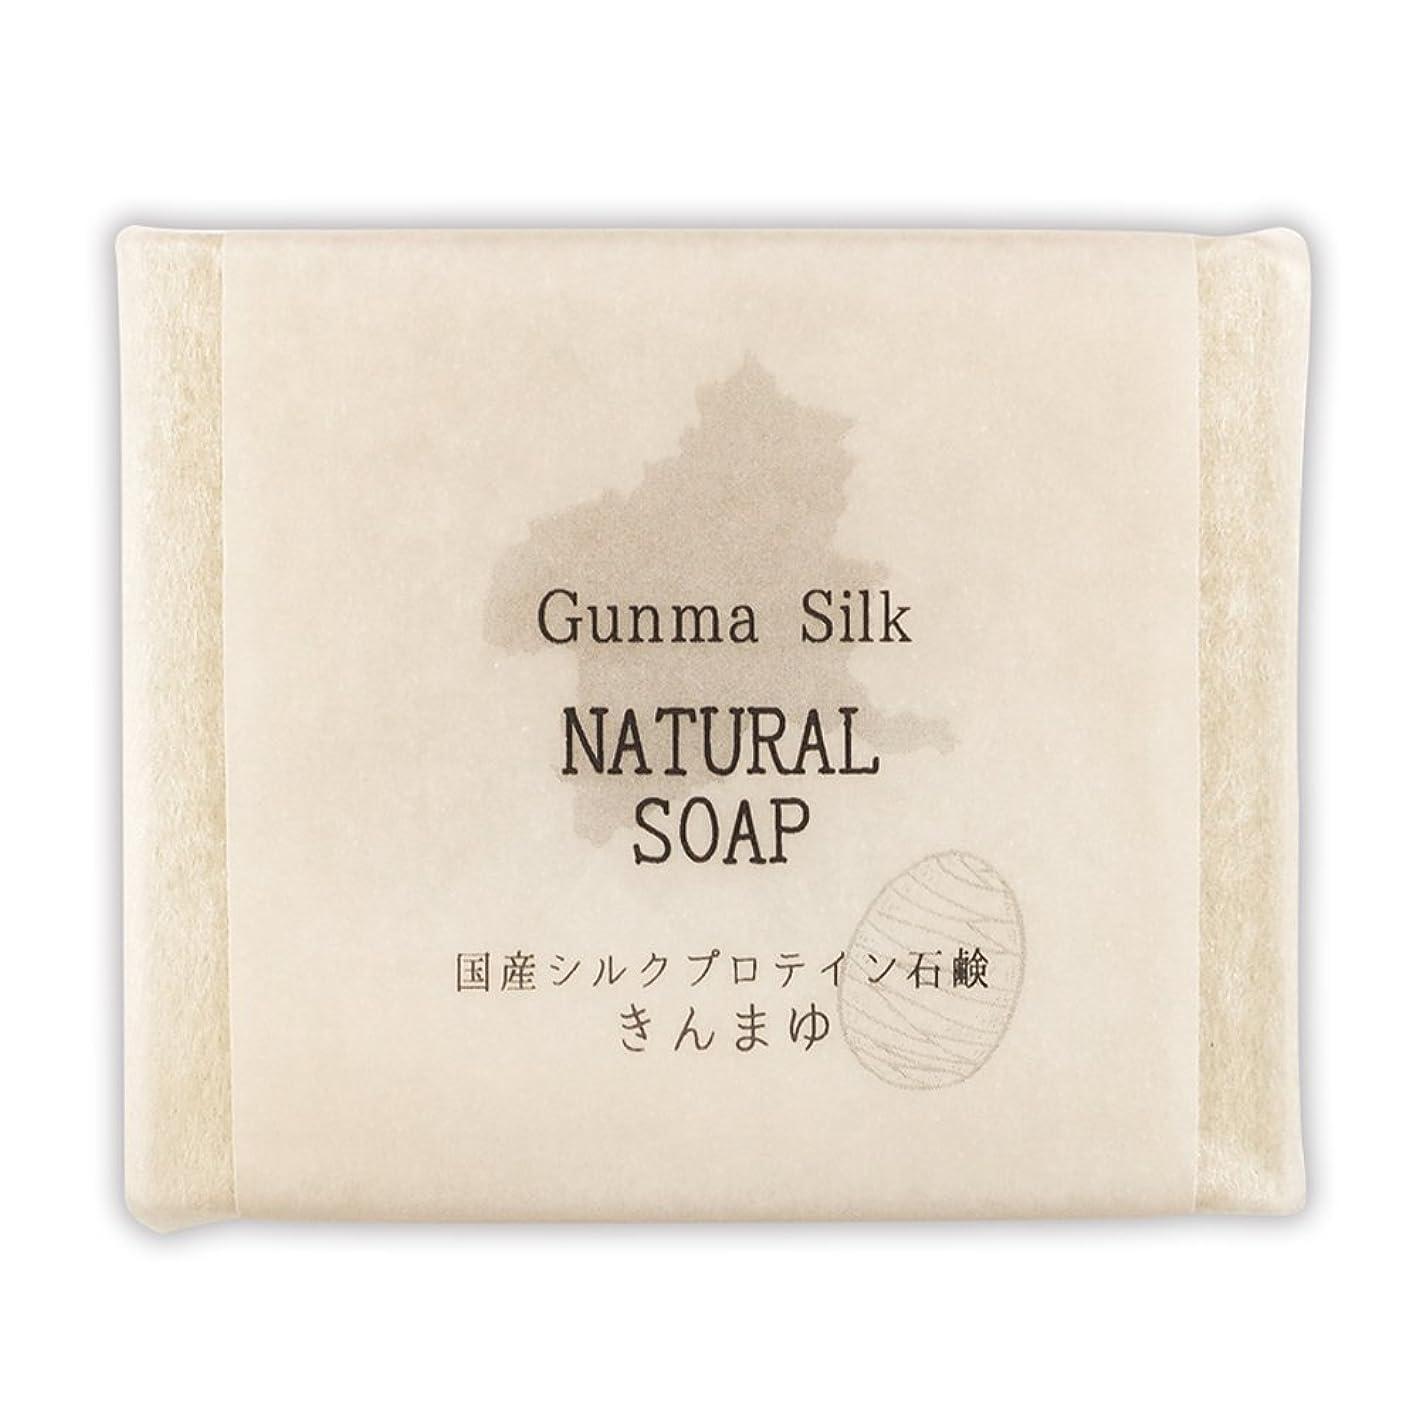 注文悩むミリメートルBN 国産シルクプロテイン石鹸 きんまゆ SKS-04 (1個)